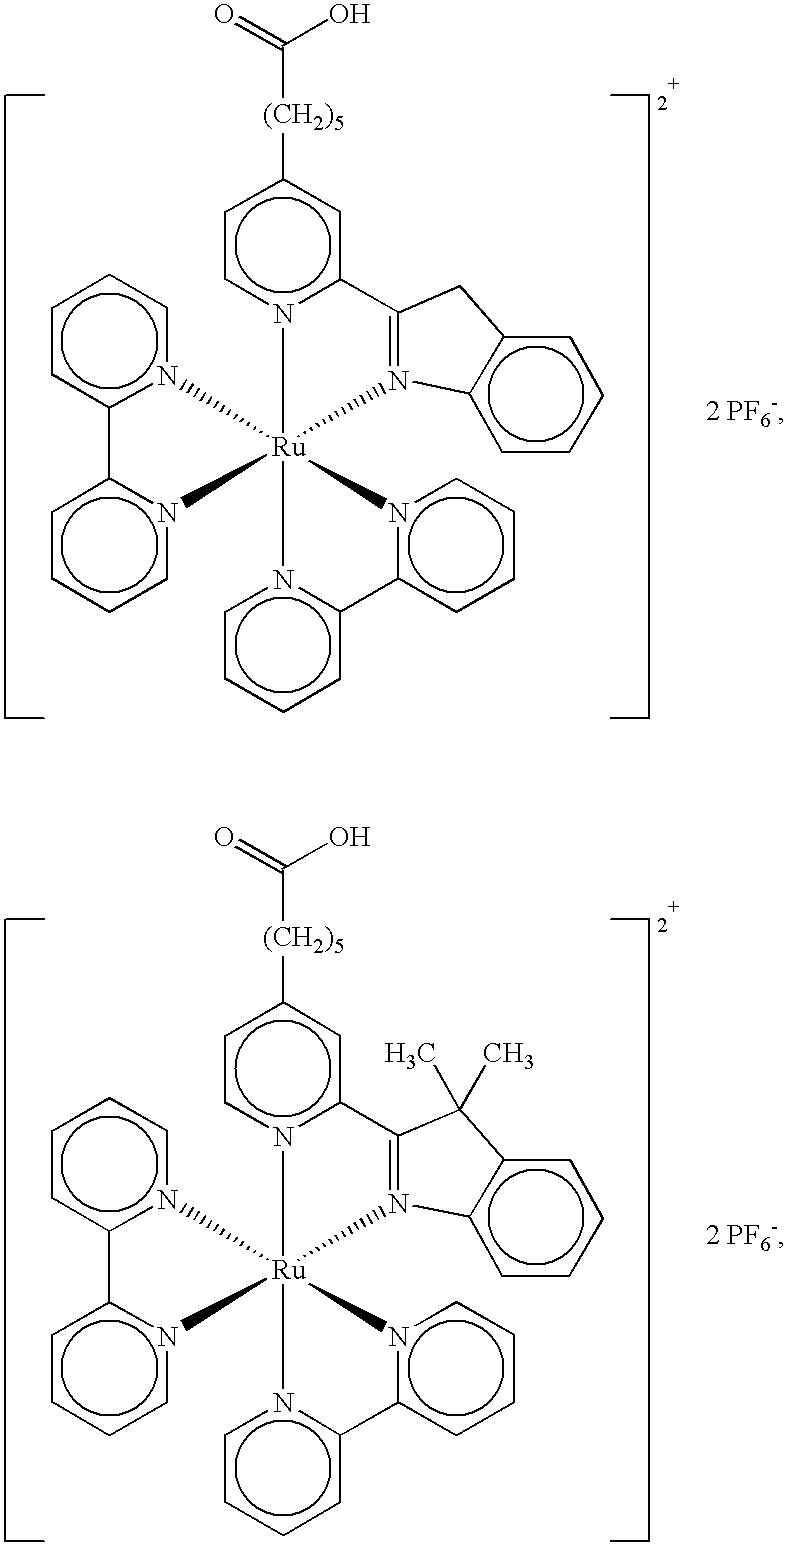 Figure US20070231818A1-20071004-C00019